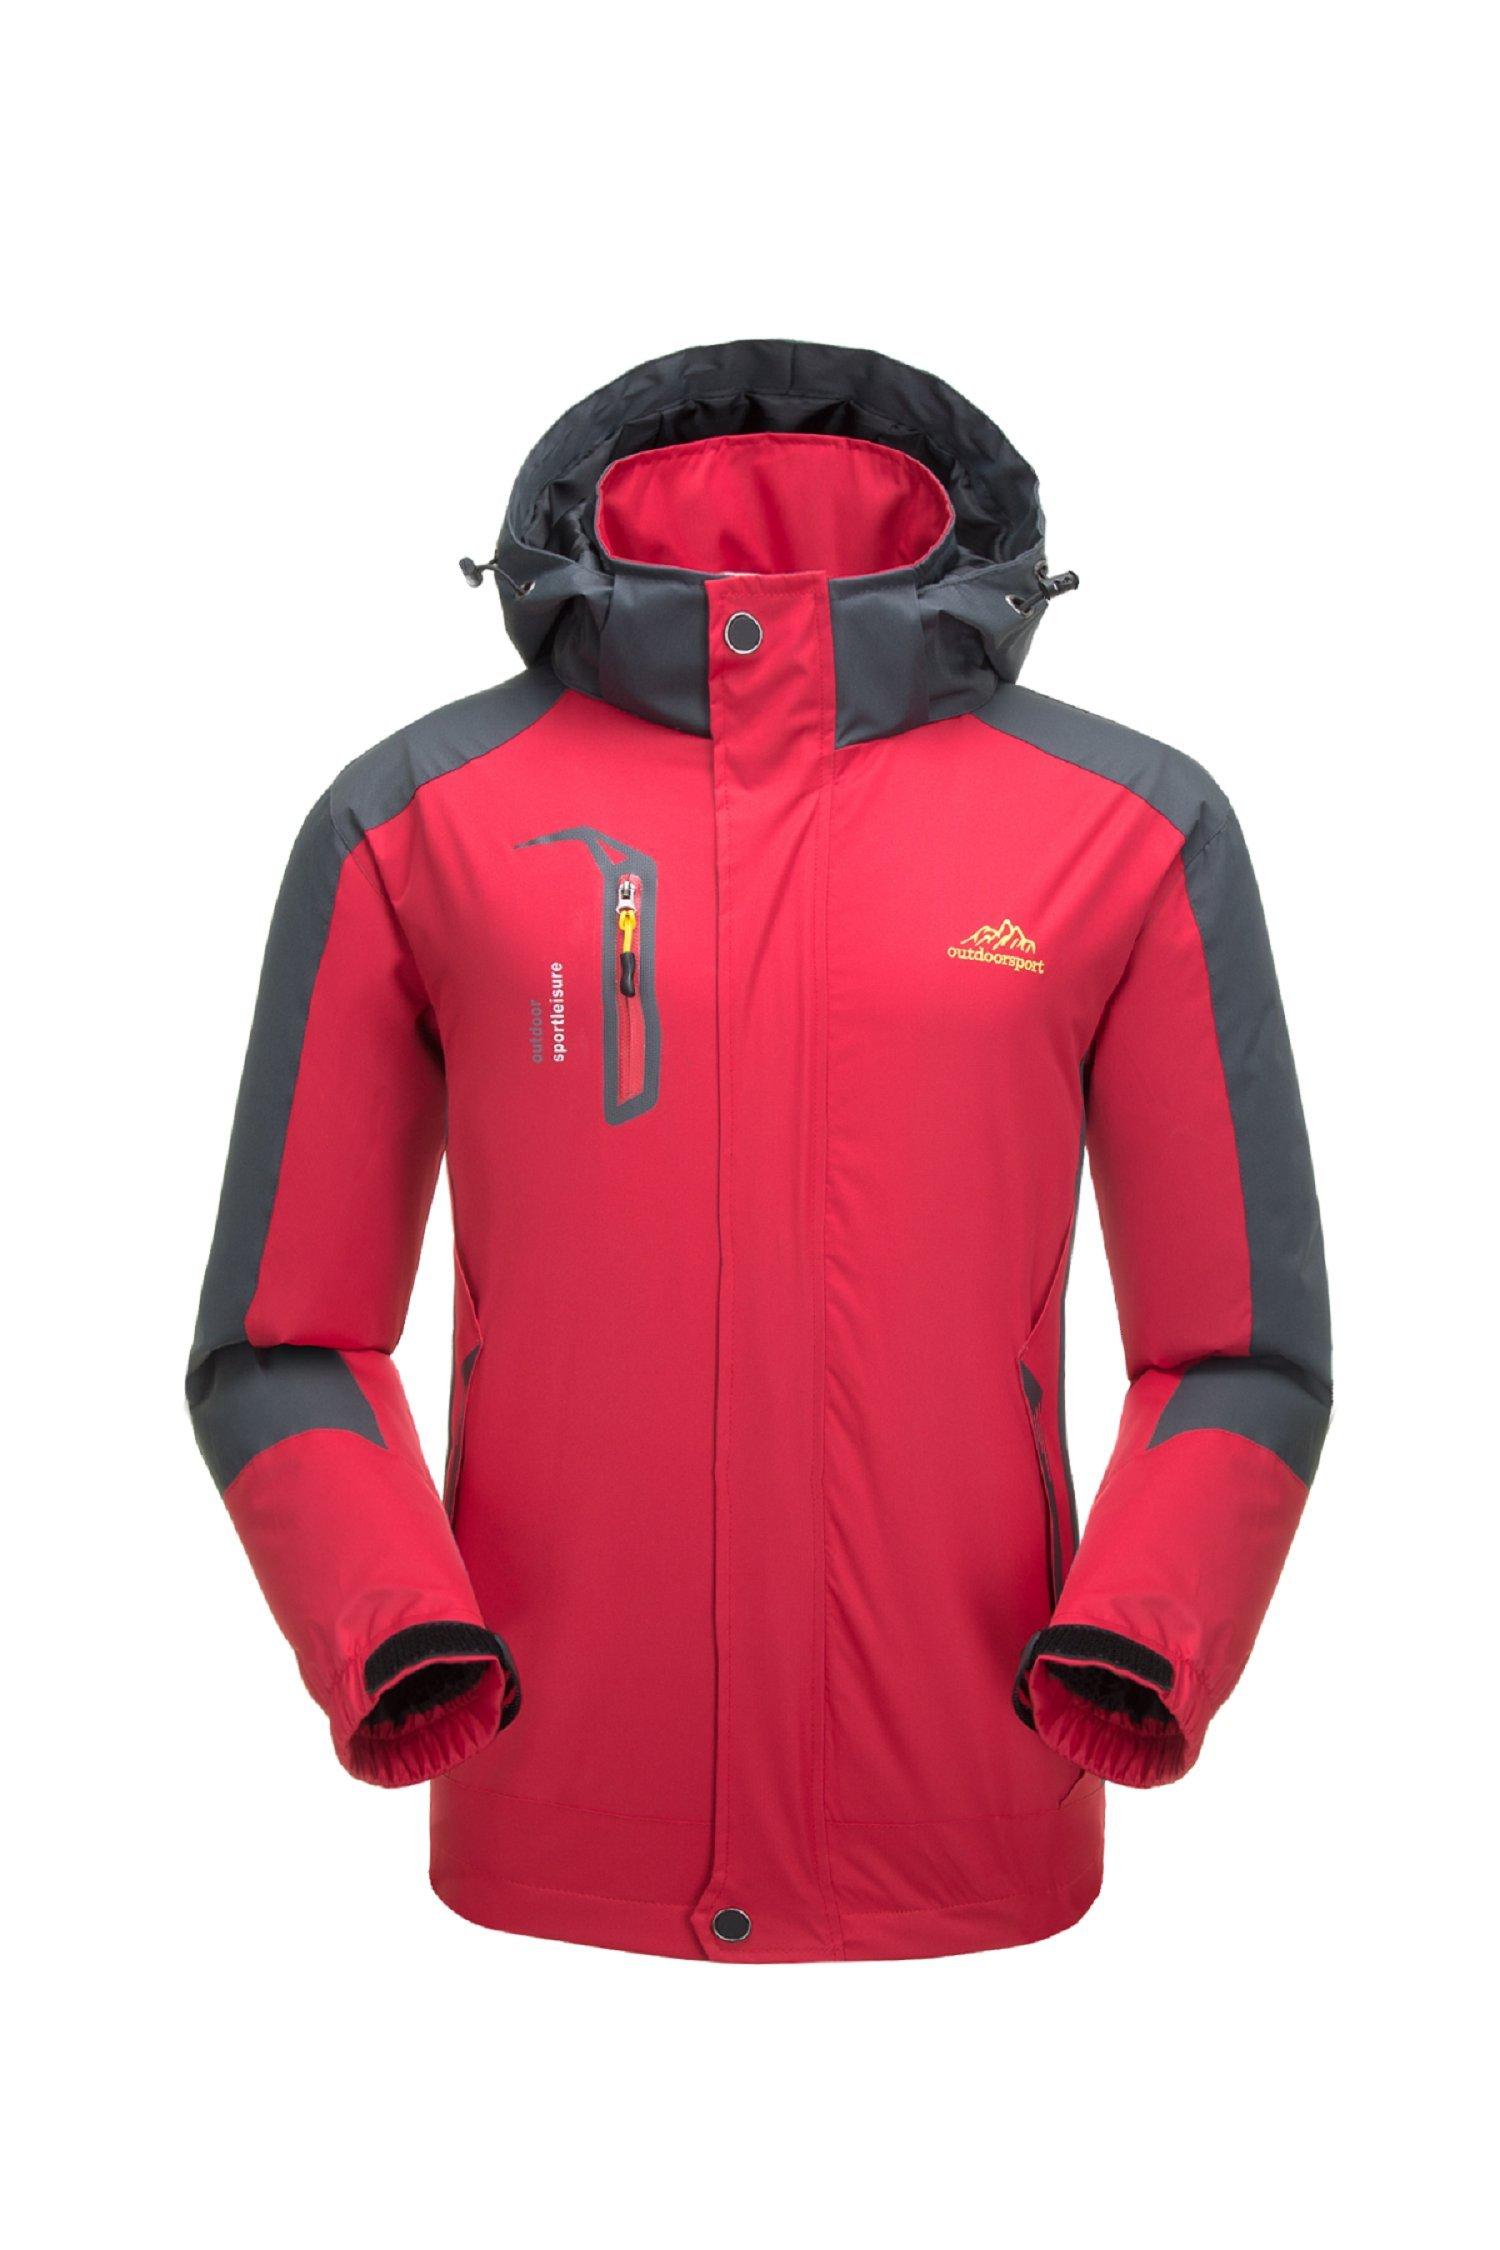 KISCHERS Rain Jacket, Men's Waterproof Jackets with Hood, Outdoor Raincoat, Windproof Softshell Jacket for Hiking (Red 1, S) by KISCHERS